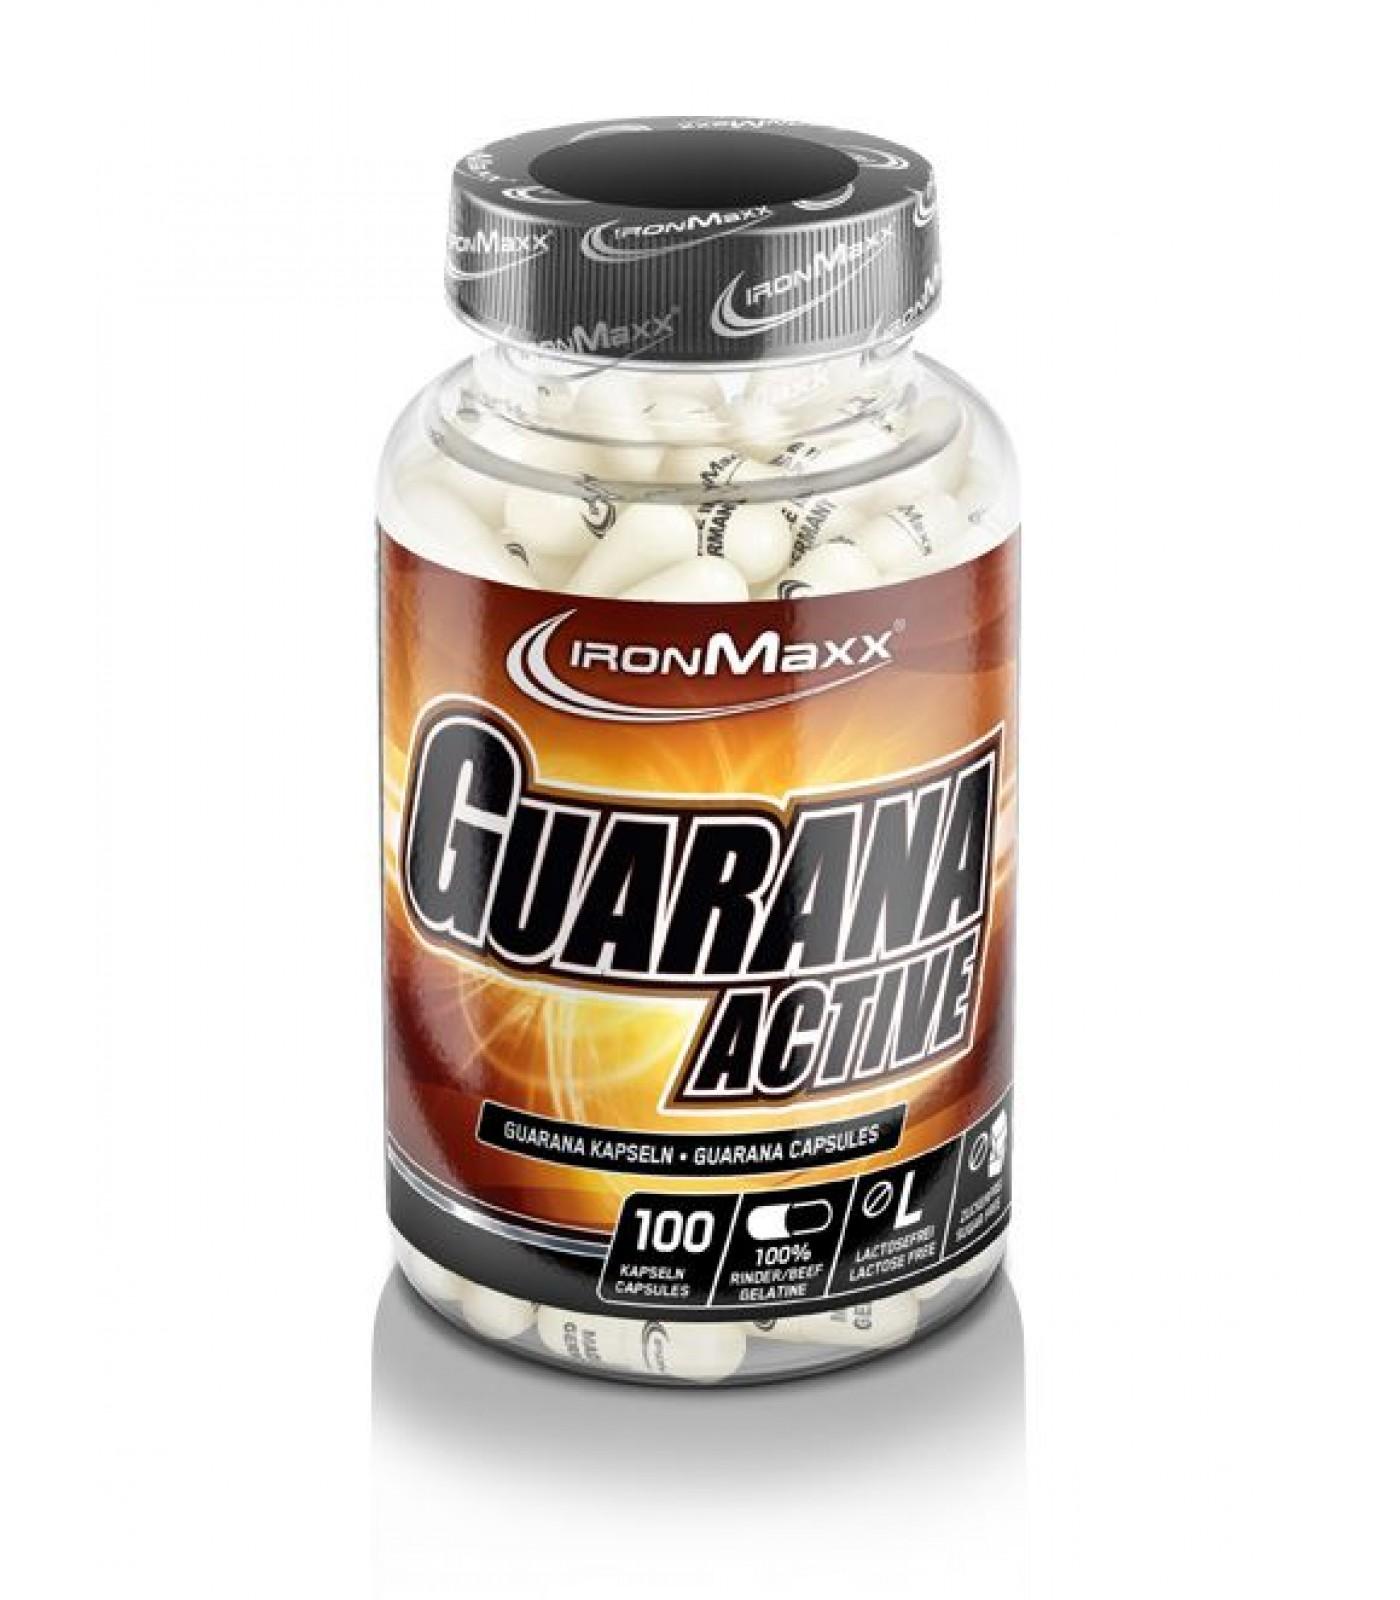 IronMaxx - Guarana Active / 100caps.